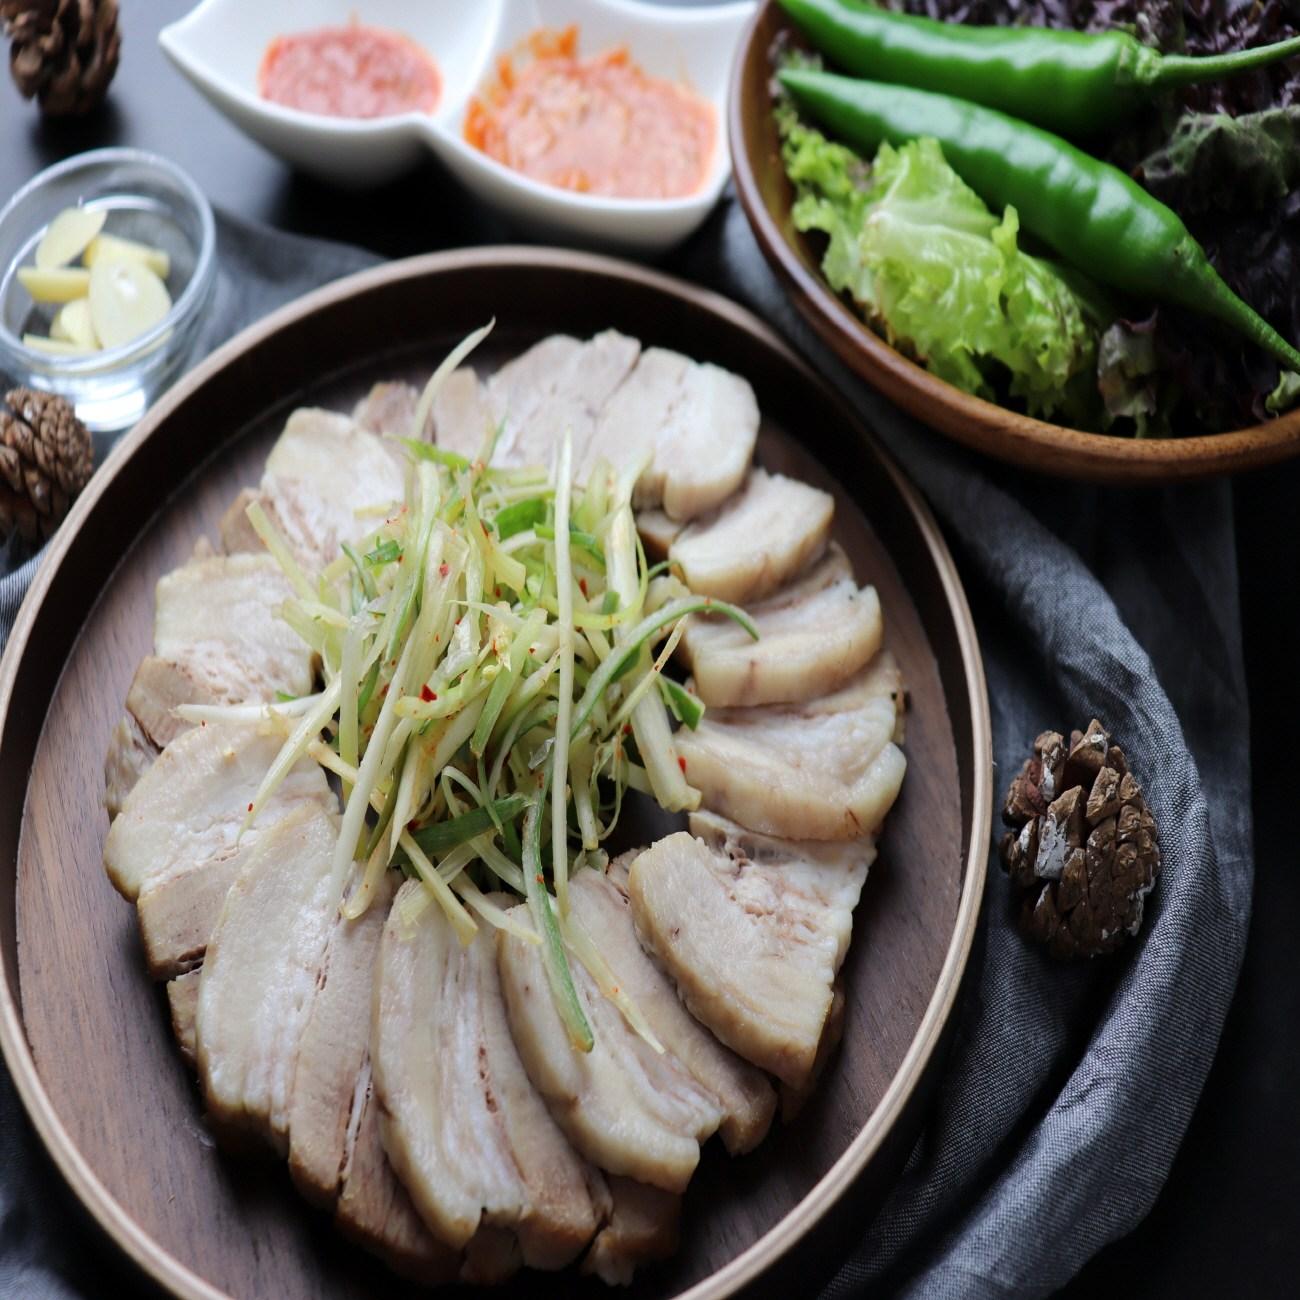 [더드림푸드몰] 통돼지 고기 삼겹 마늘 보쌈 삼겹살 혼술 수육 220g, 1팩, 200g